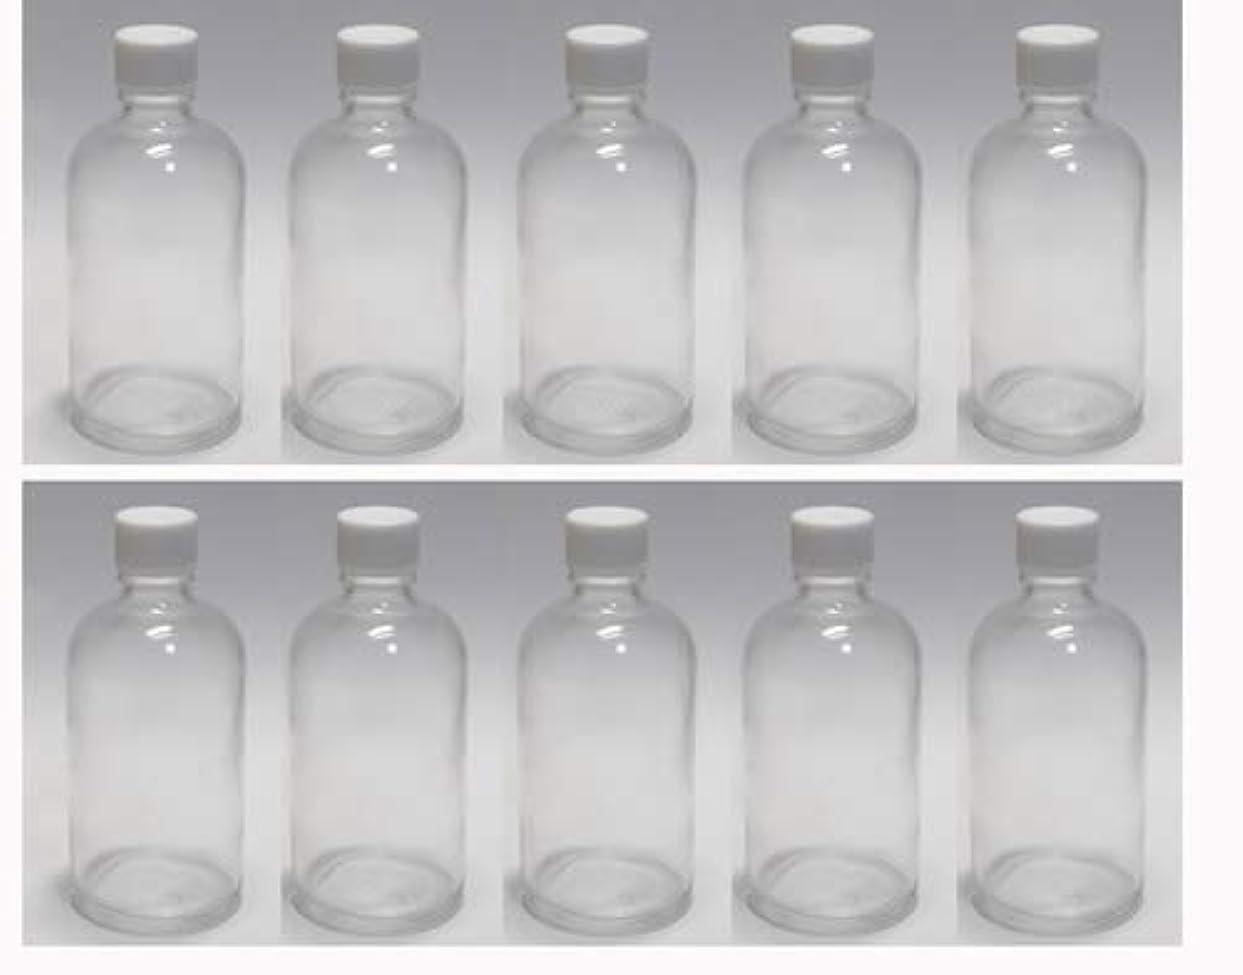 キルト献身多くの危険がある状況100ml ガラスボトル(空容器) 10本